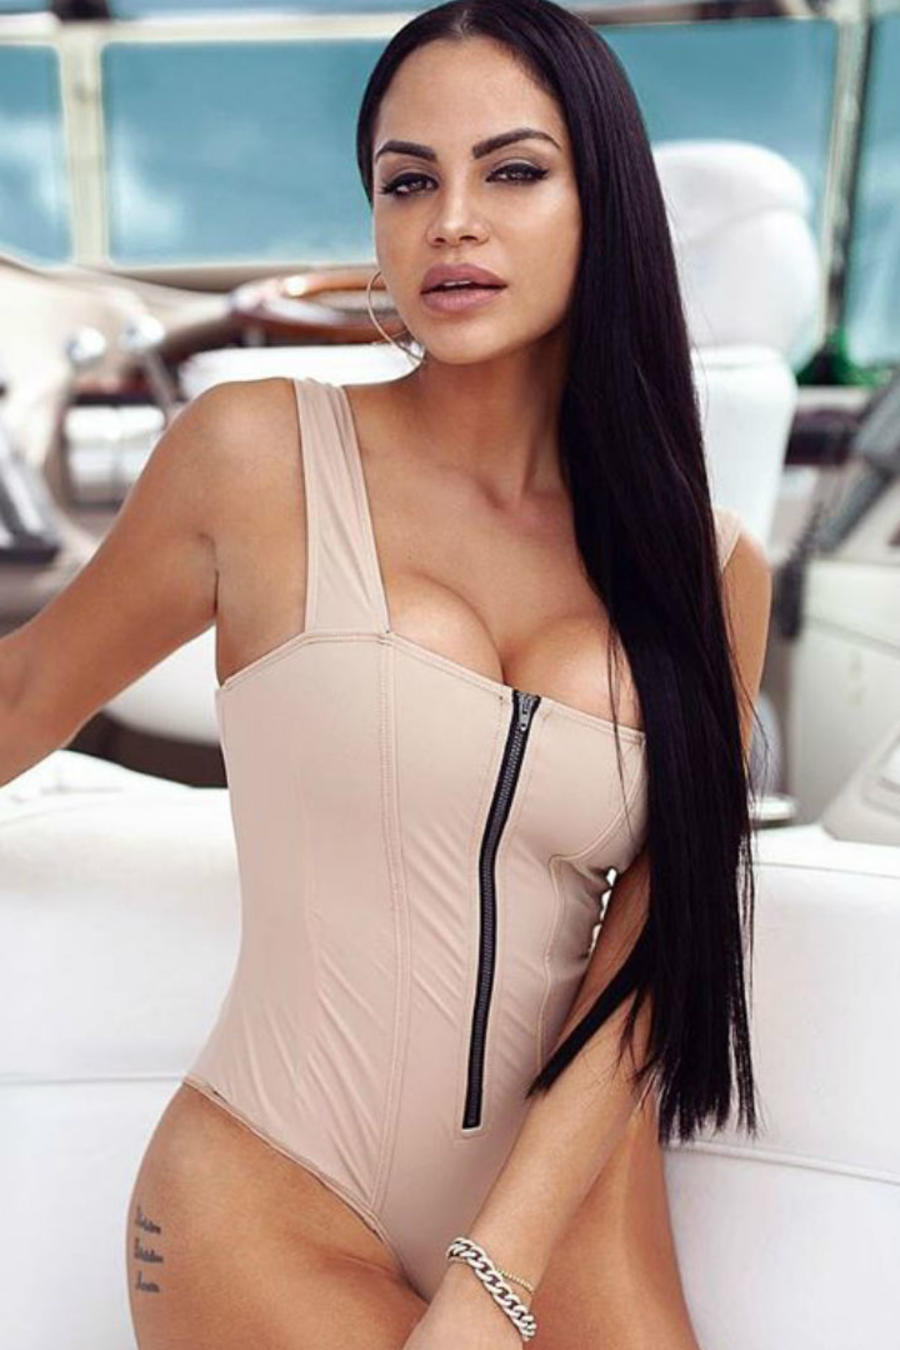 Natti Natasha y Kim Kardashian en bañador nude